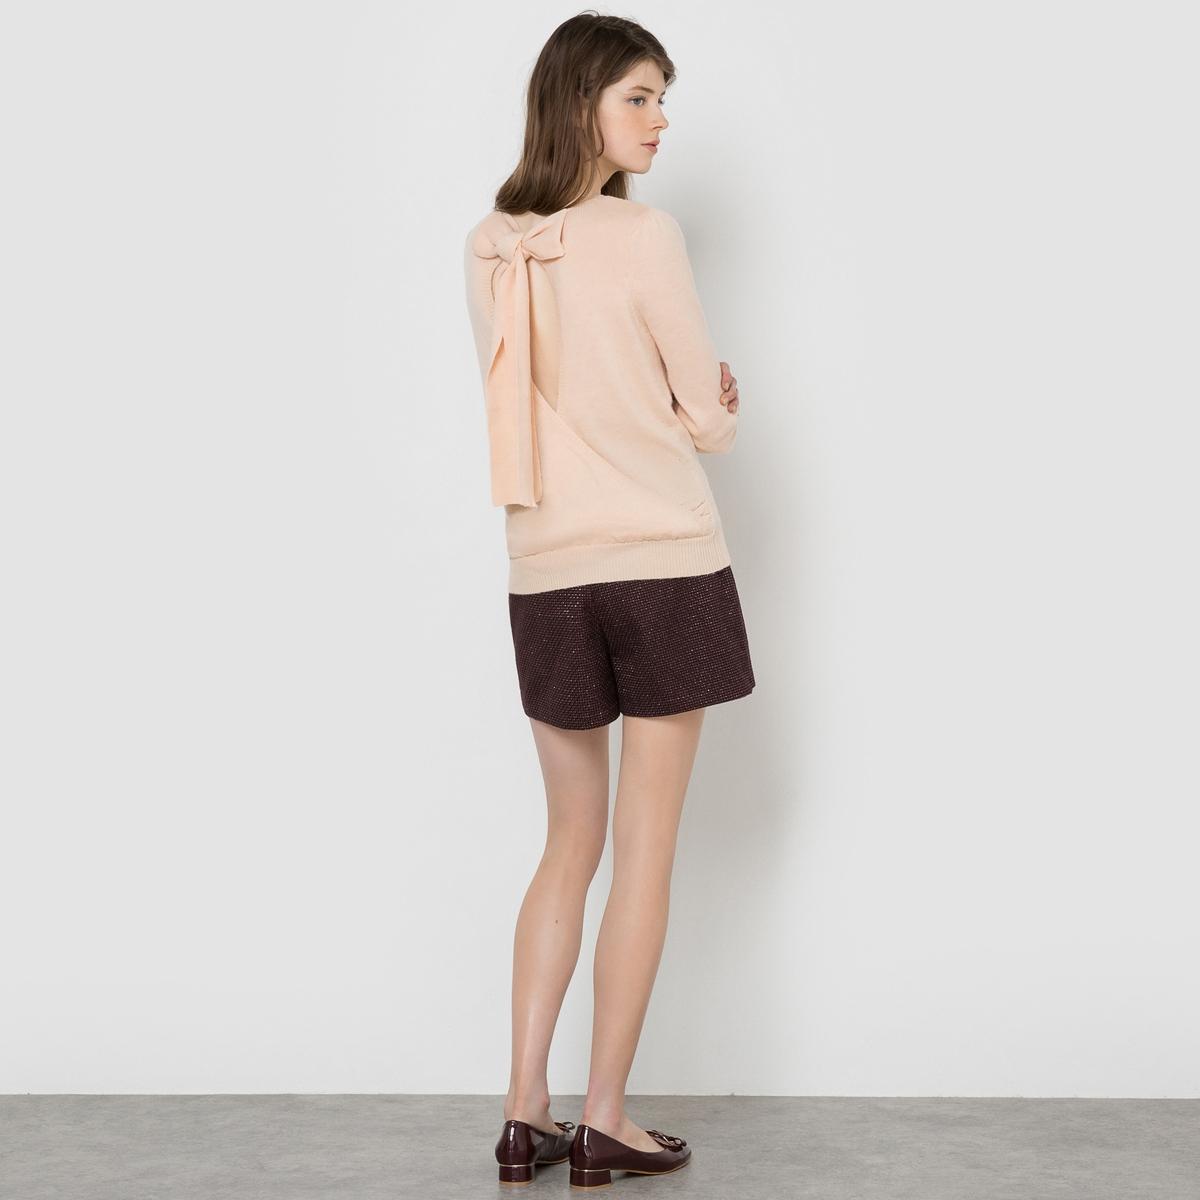 Пуловер с бантом сзадиСделайте ваш наряд стильным, выбрав этот пуловер с открытой спинкой и с большим бантом. Круглый вырез, длинные рукава. Присборенный верх рукавов. Отделка в виде вязки в рубчик. Состав и описание : Материал Трикотаж 83% полиамида, 17% альпага Длина: 58 смБренд: Mademoiselle R  Уход :Ручная стирка.Стирать и гладить с изнанки.Машинная сушка запрещена.Гладить на низкой температуре.<br><br>Цвет: телесный<br>Размер: 42/44 (FR) - 48/50 (RUS)